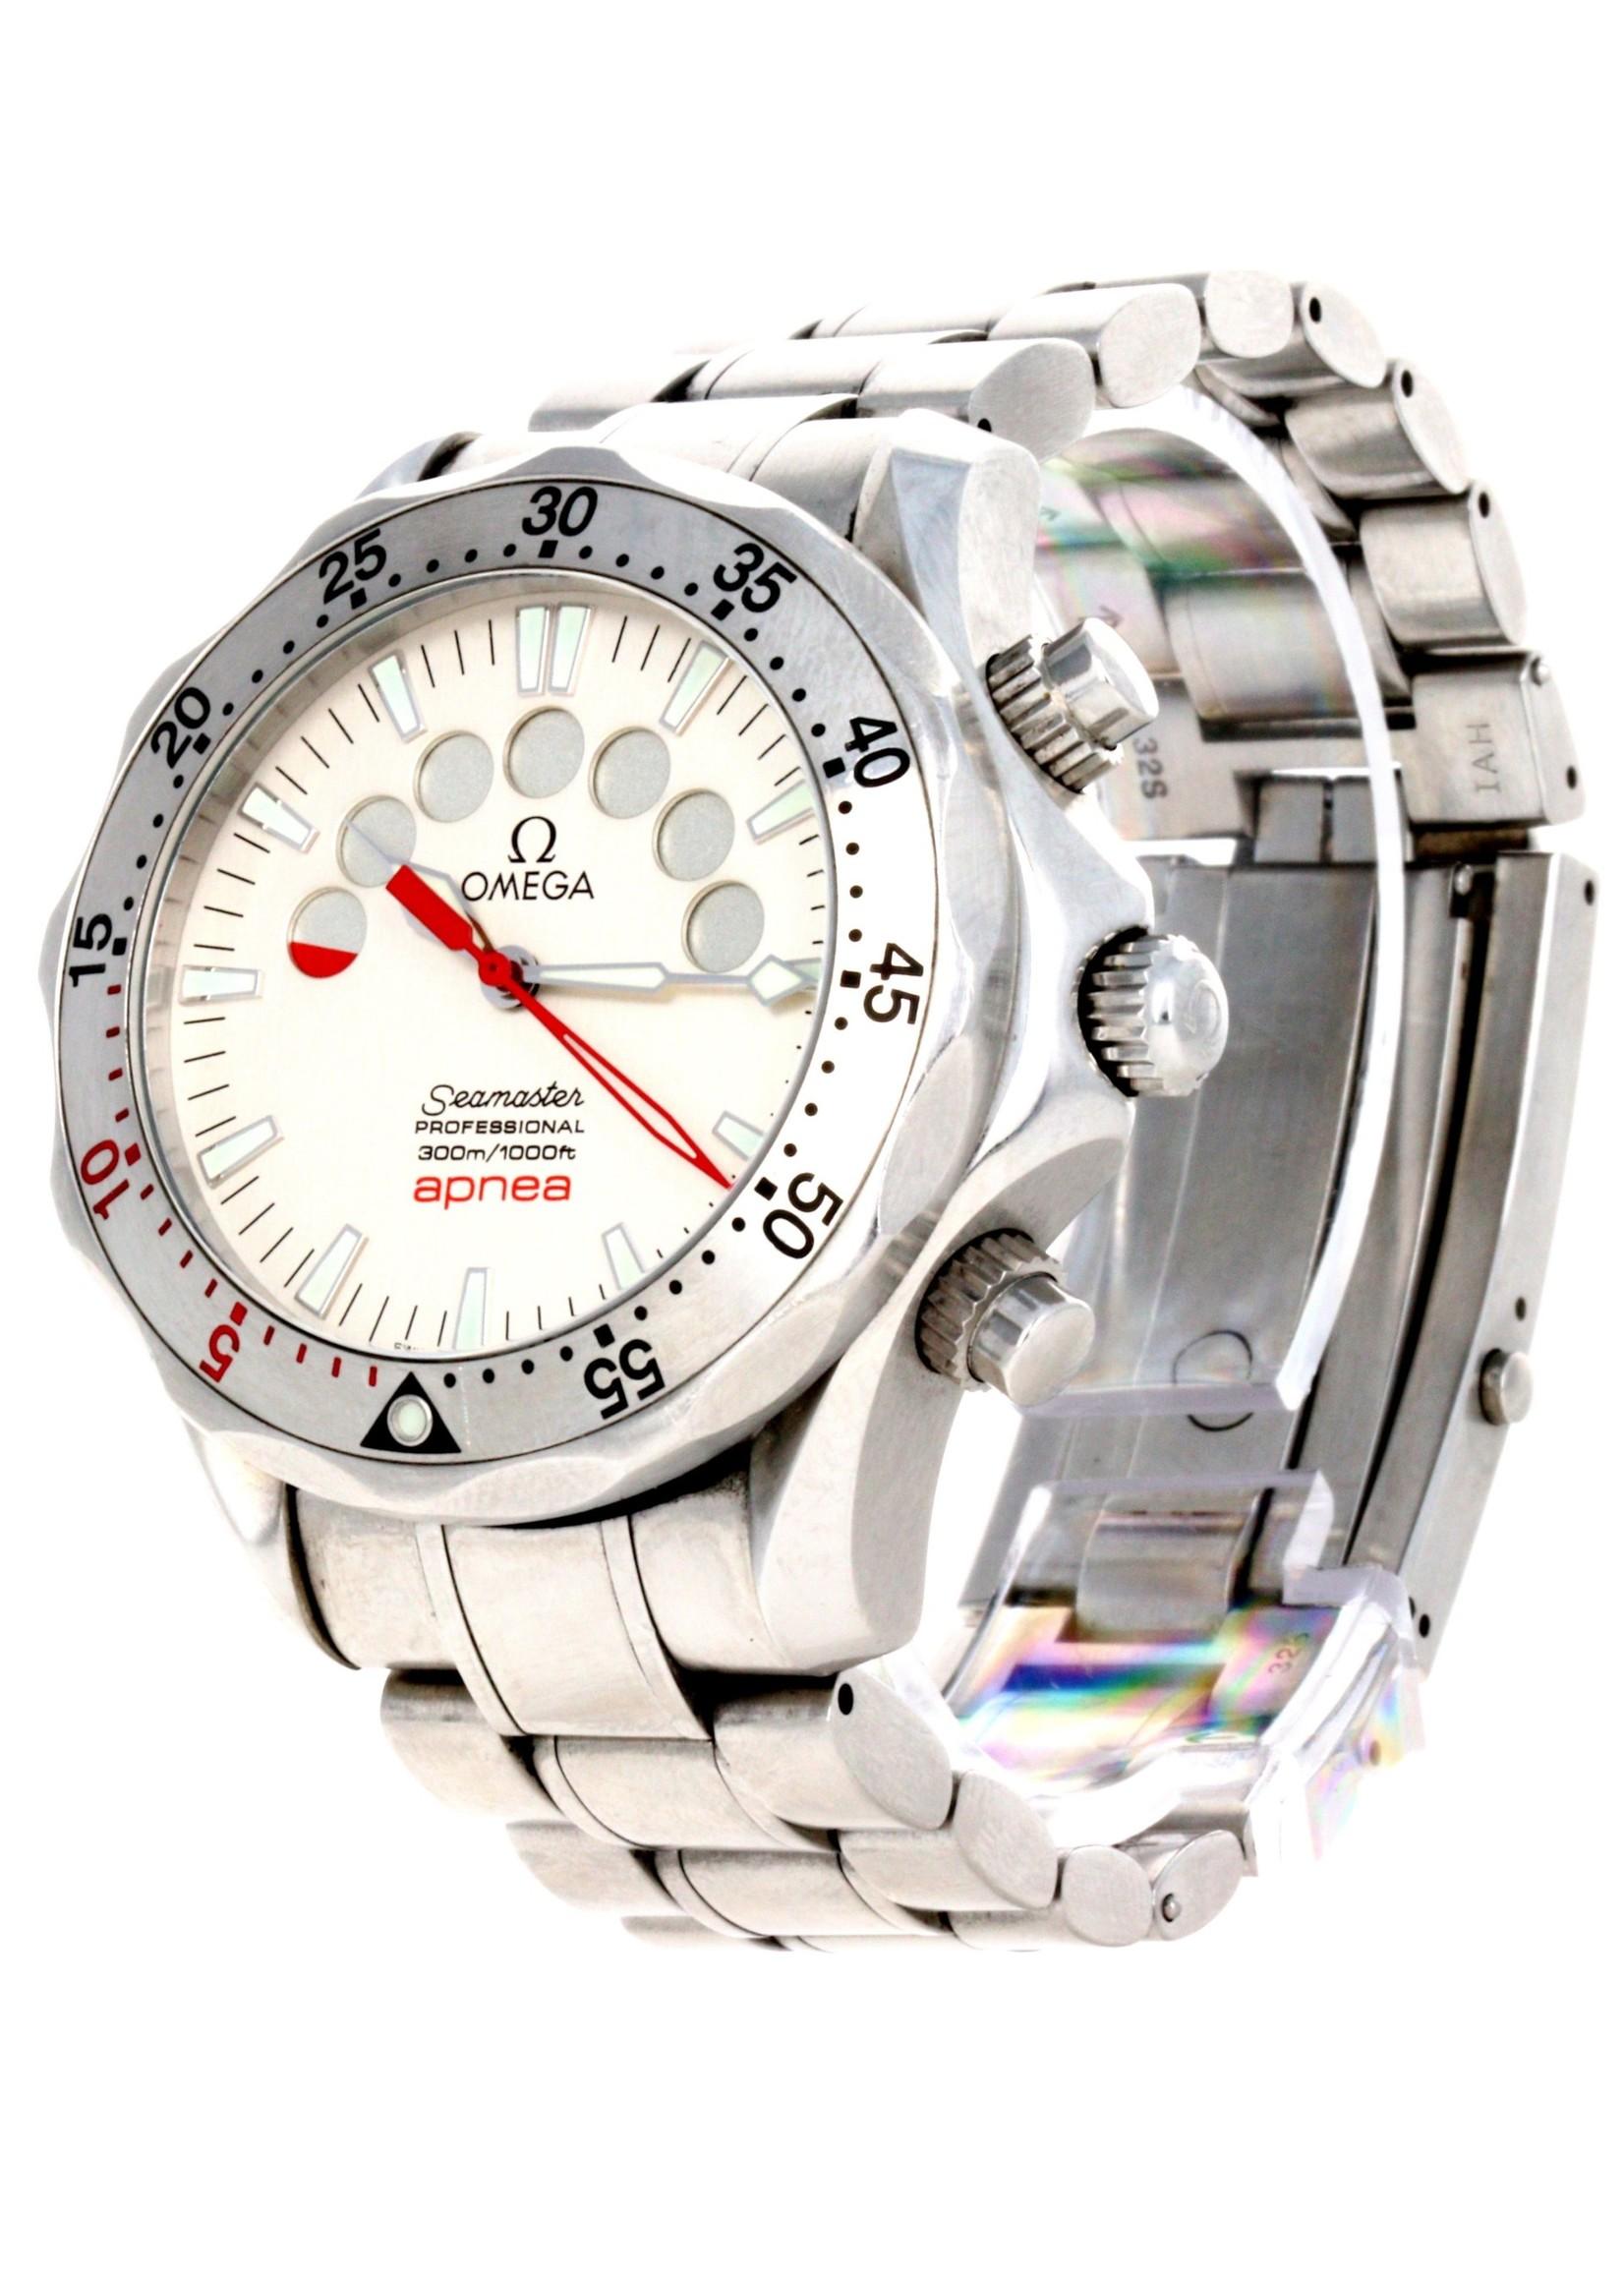 Omega Watches Omega Seamaster Professional Apnea